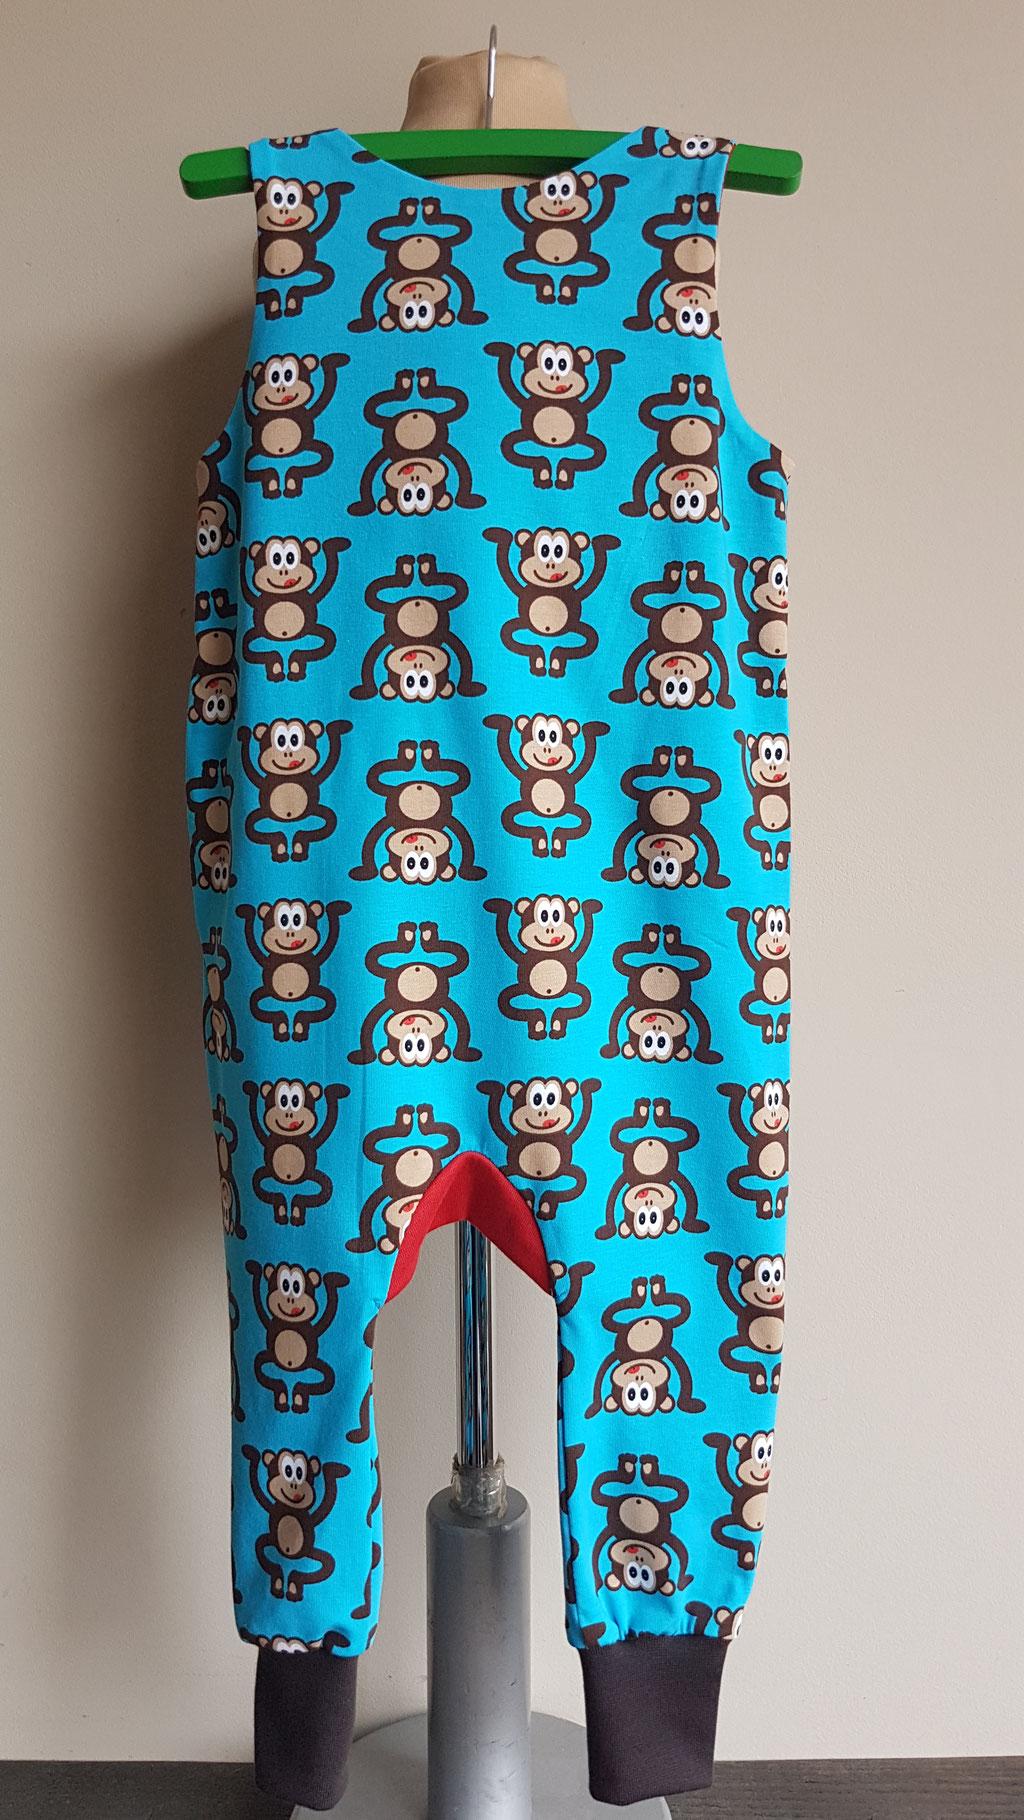 Achter: Monkey business (blauw)